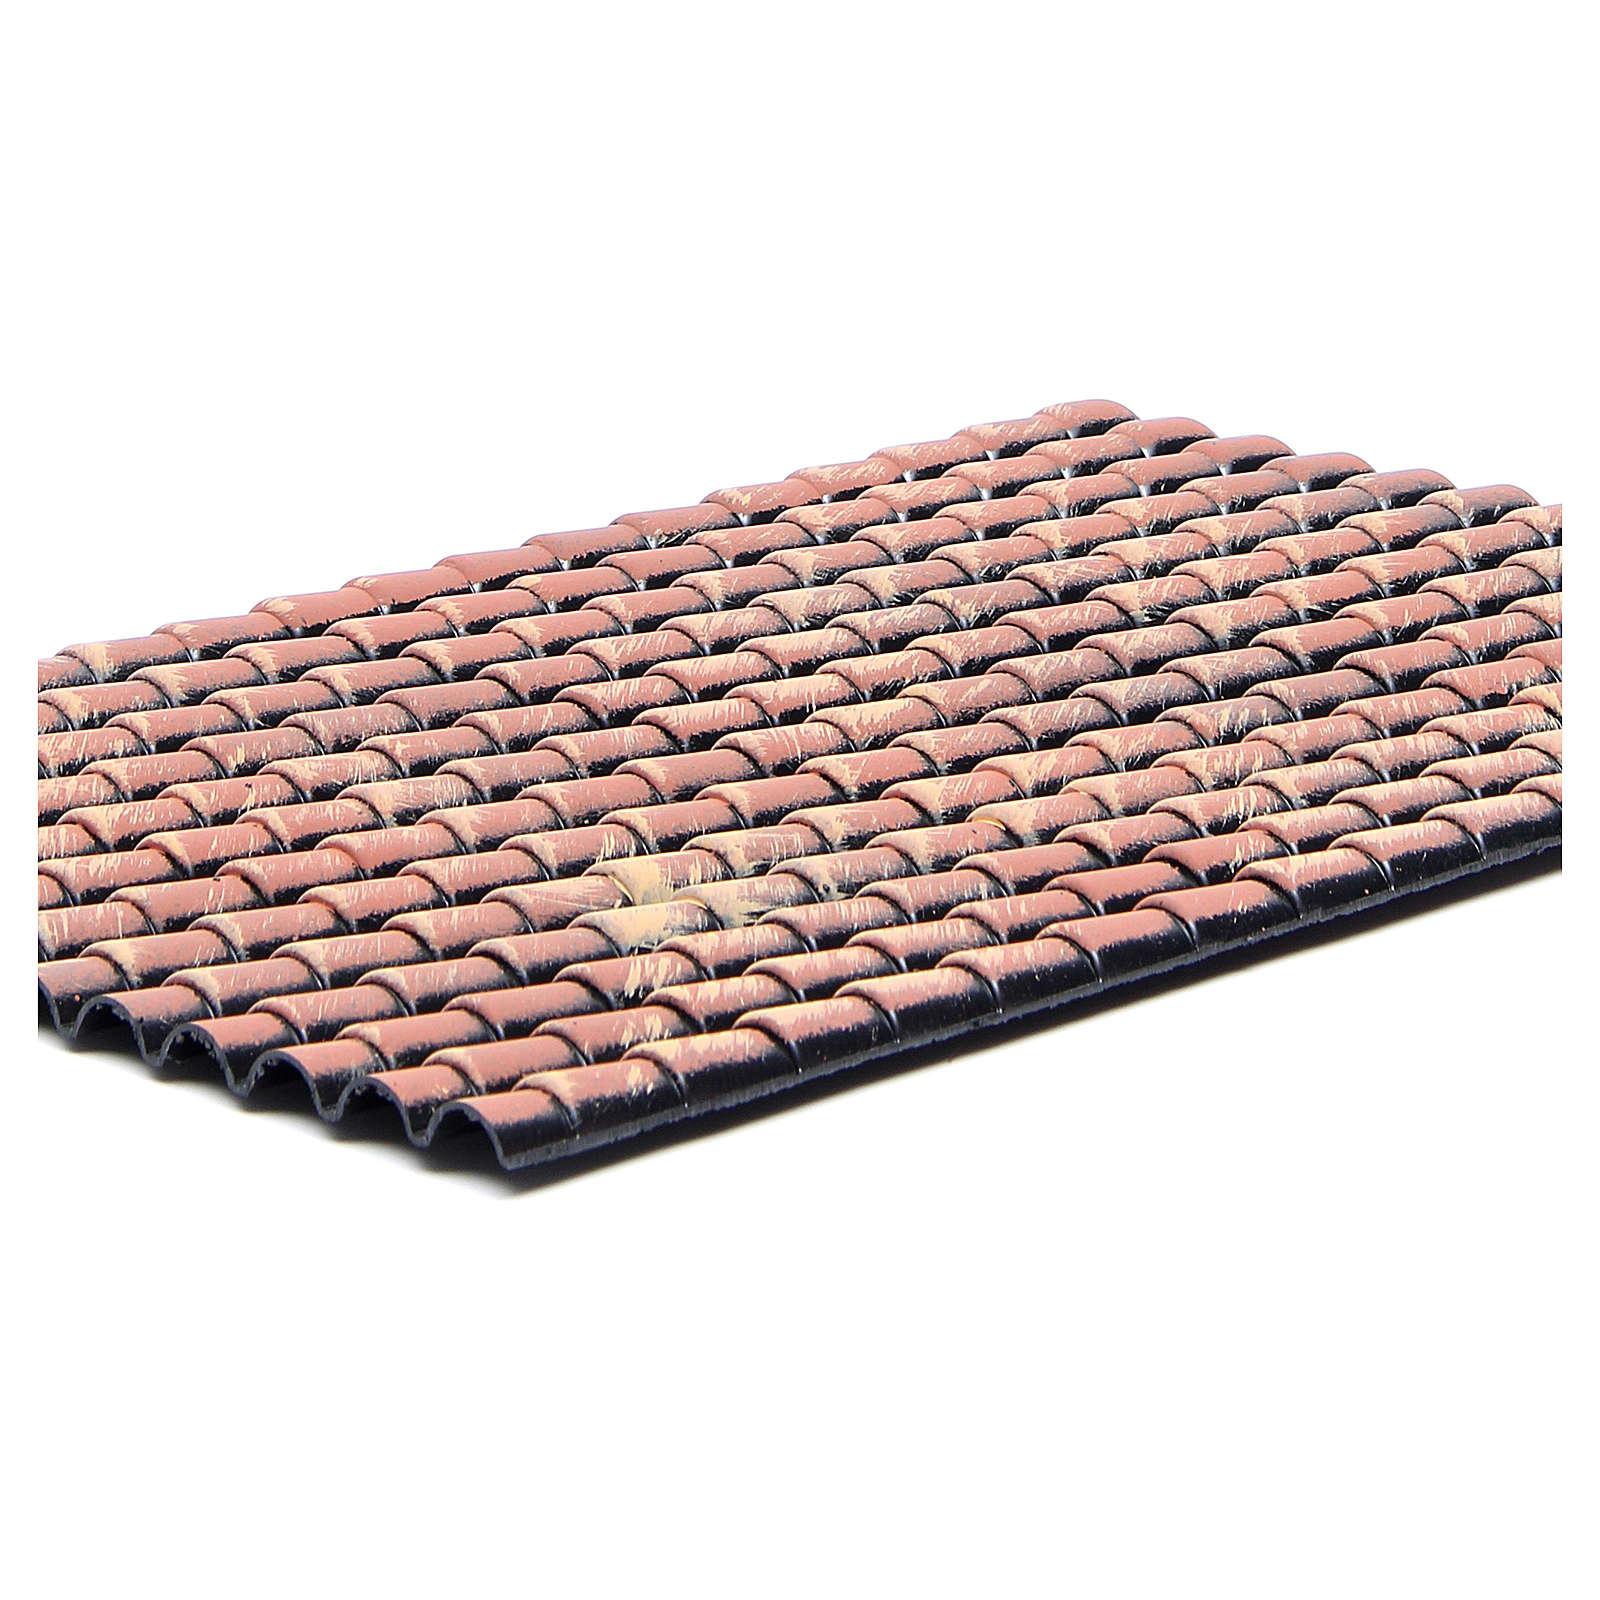 Panel techo belén tejas rojas degradadas 35x25 cm 4